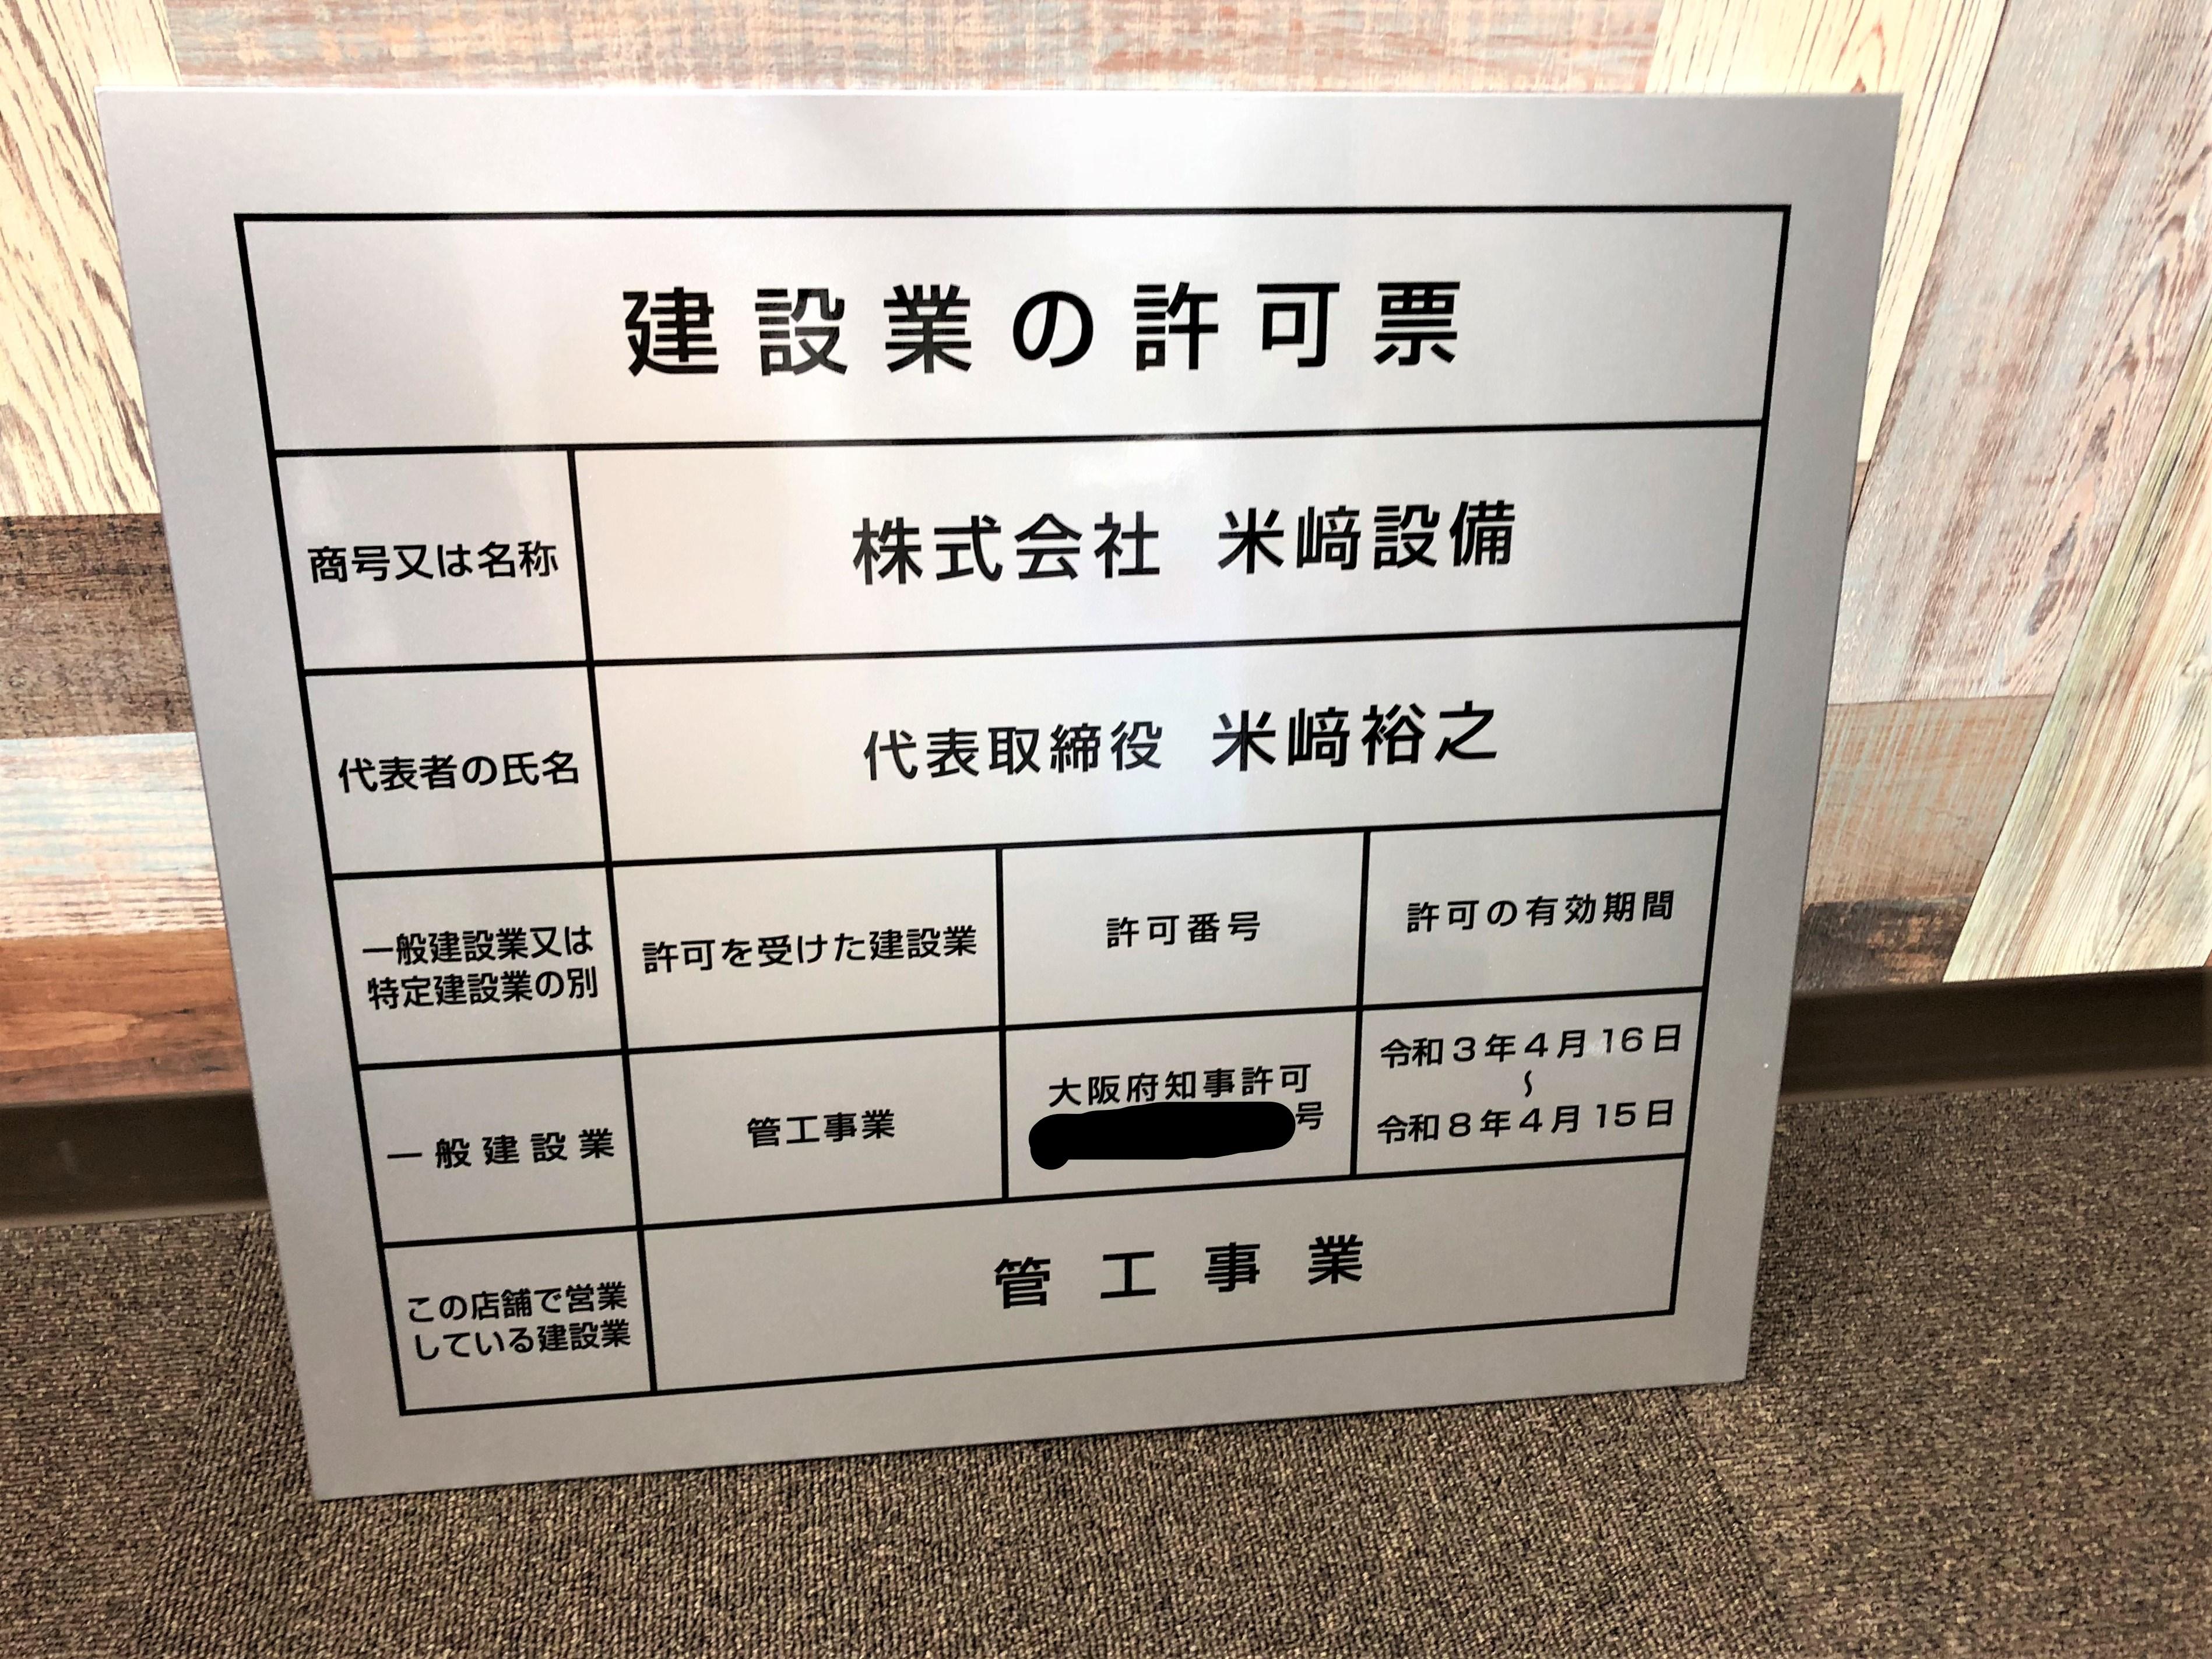 建設業の許可票 米崎設備様事例